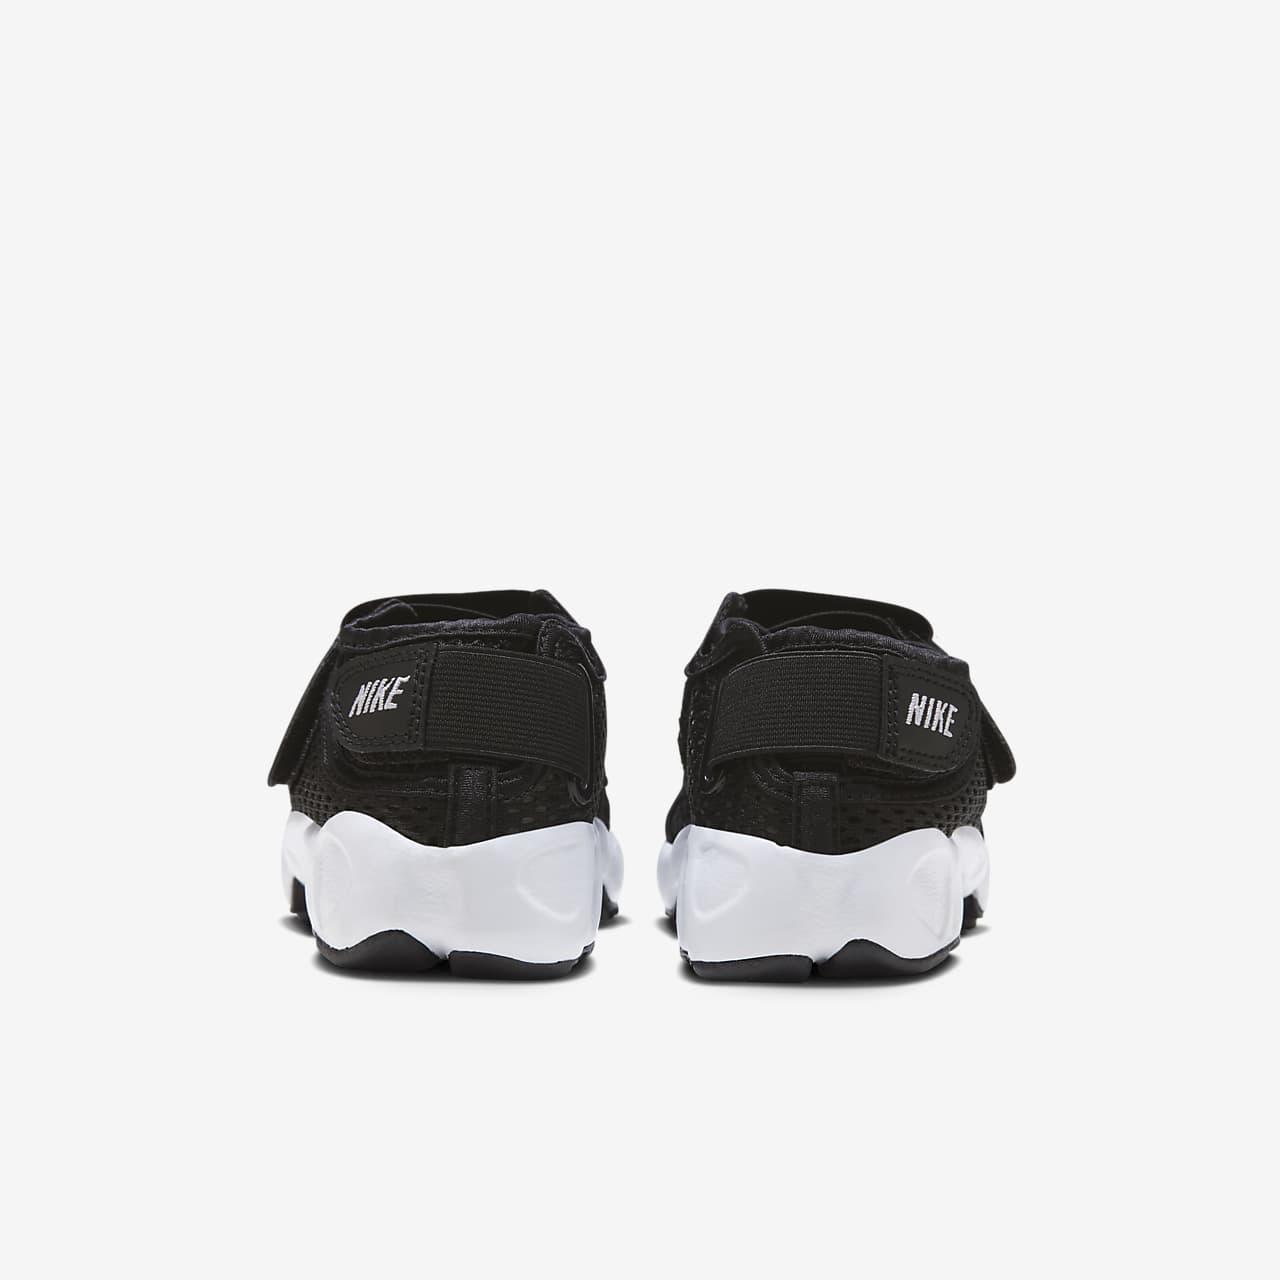 quality design c524c 9f911 ... Nike Air Rift – Chaussure pour Petit enfant (27,5-35)